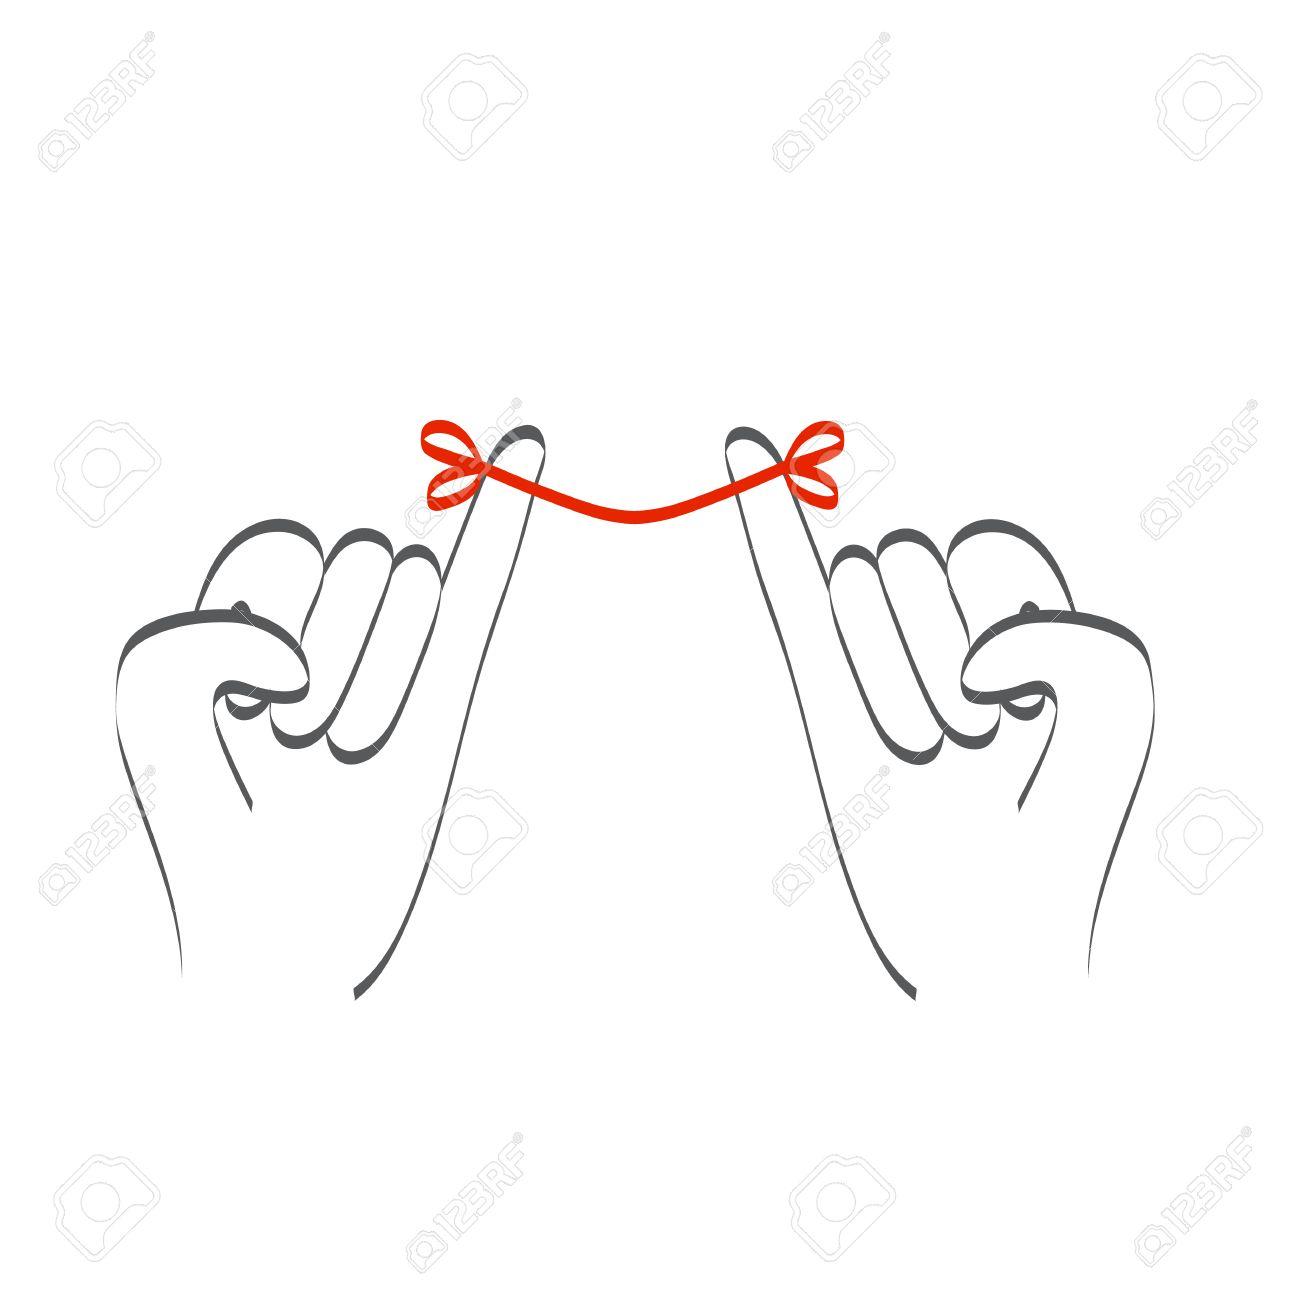 小さな小指指約束の赤い糸との関係のイラスト素材ベクタ Image 54021247